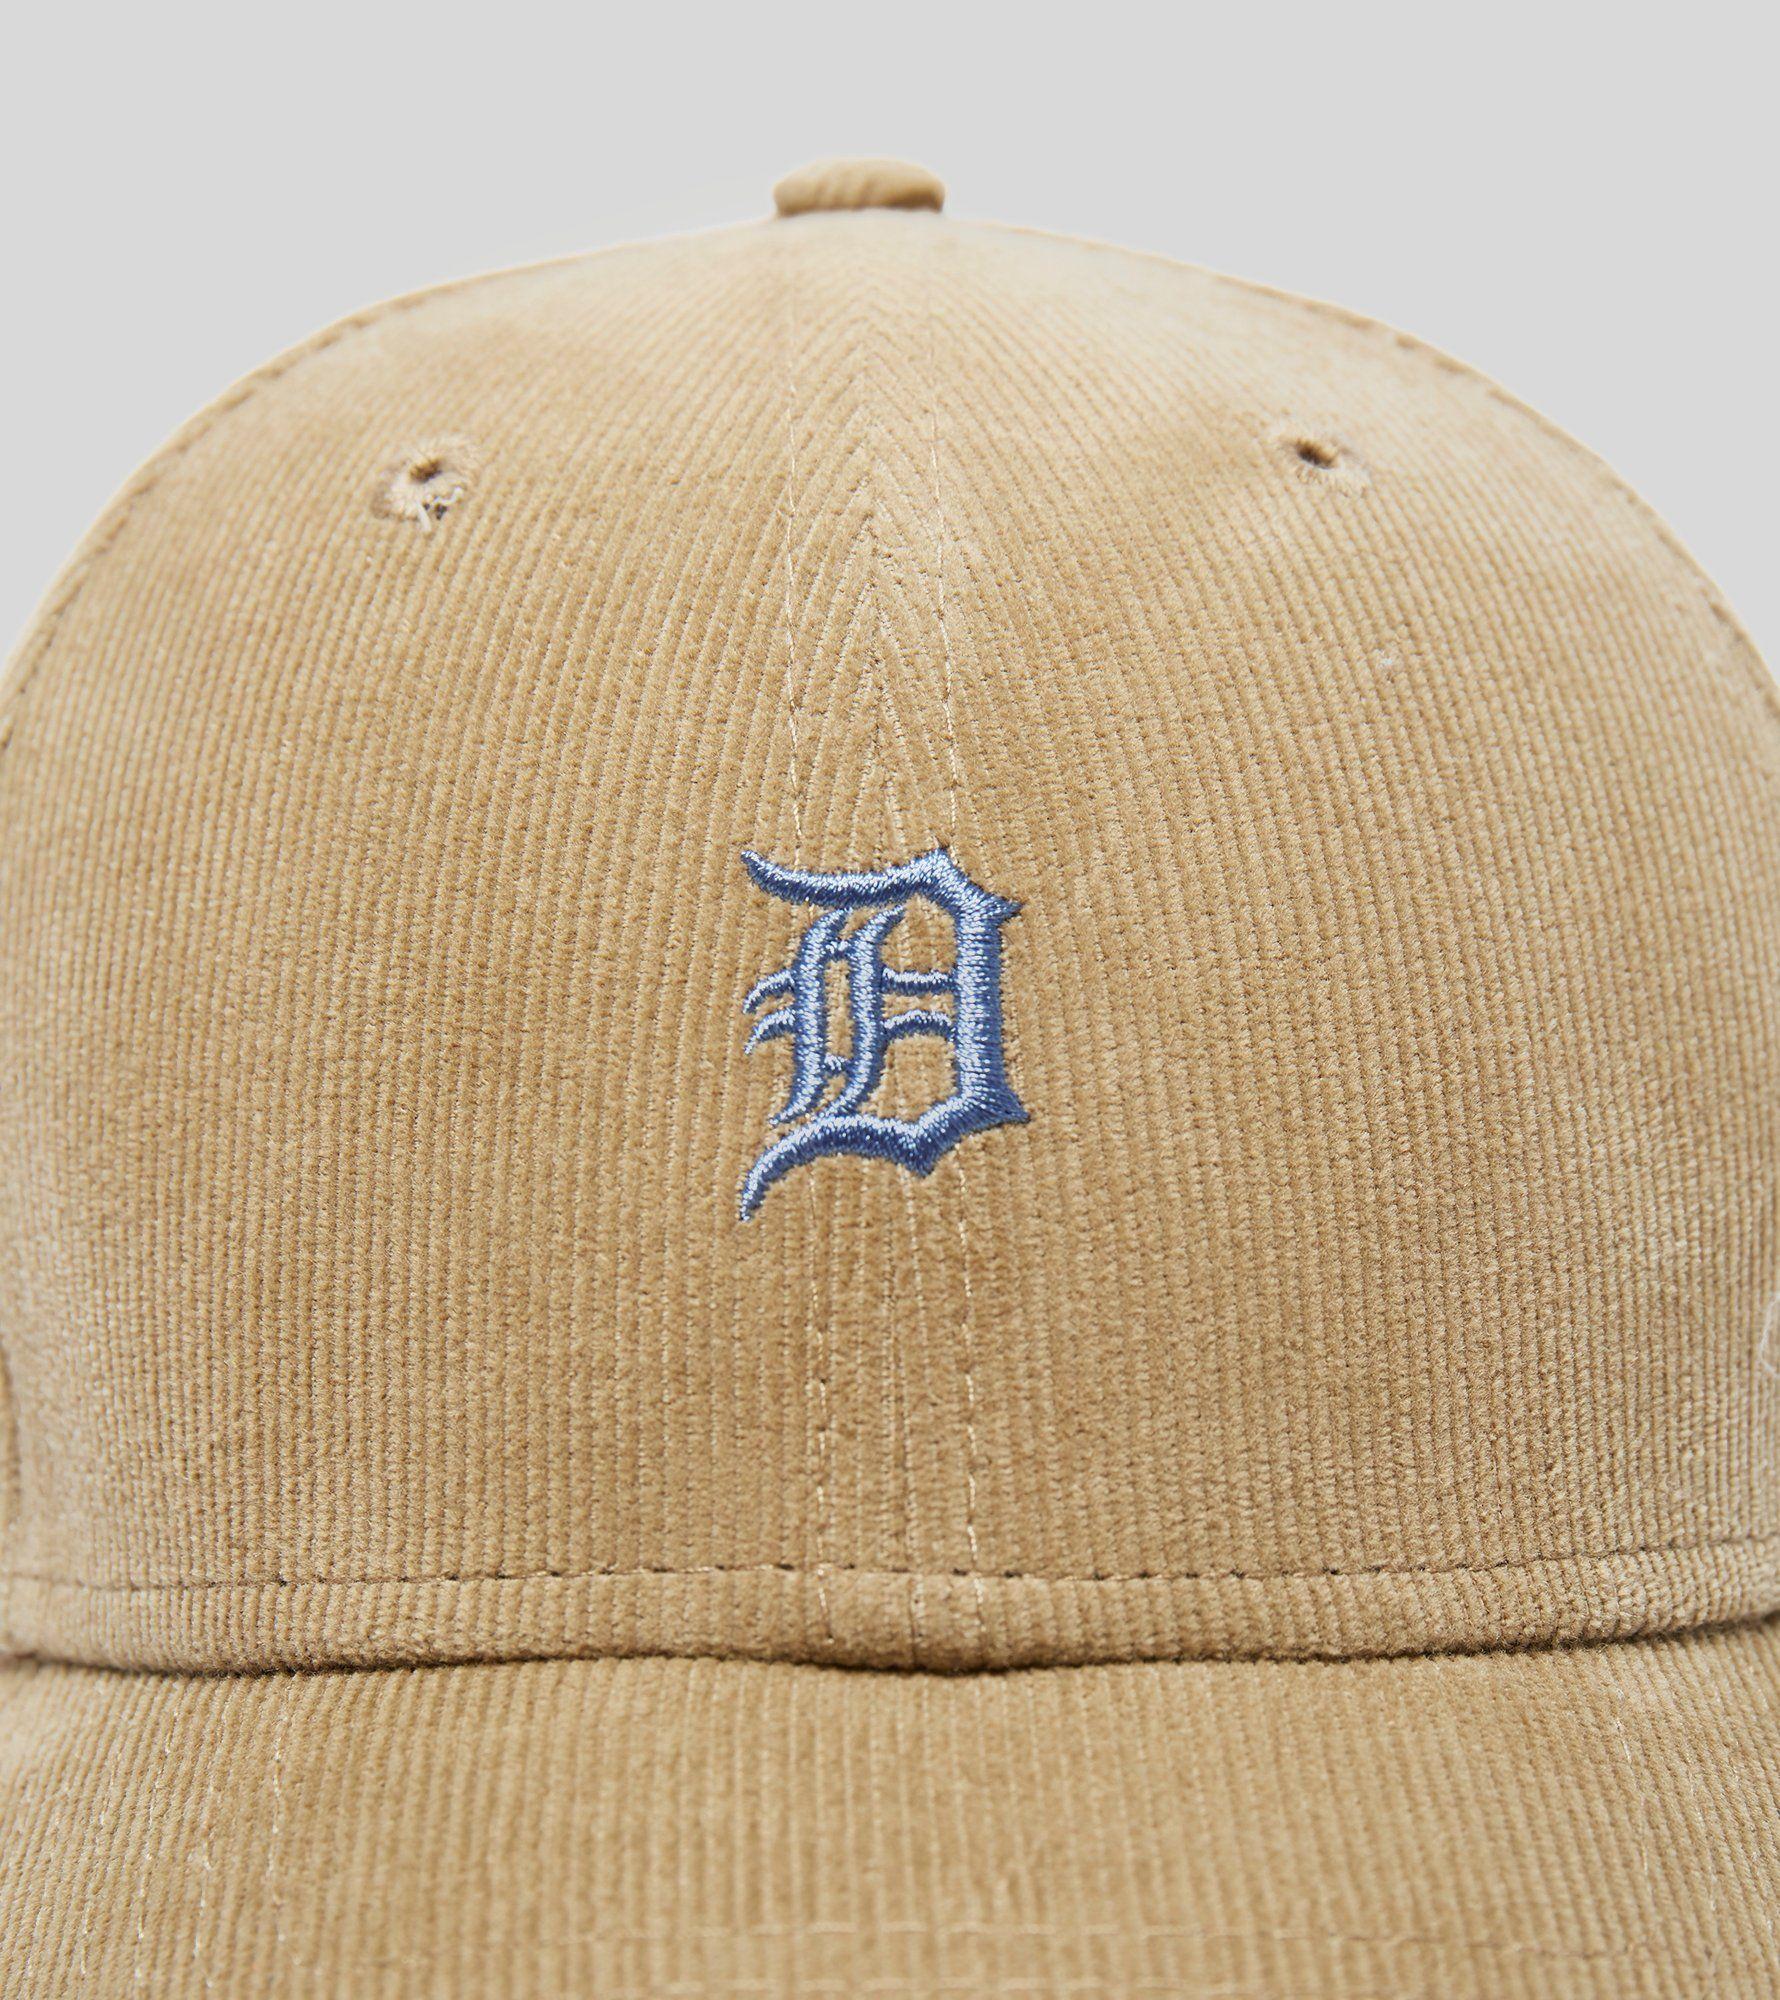 New Era 9FORTY Detroit Tigers Cord Cap